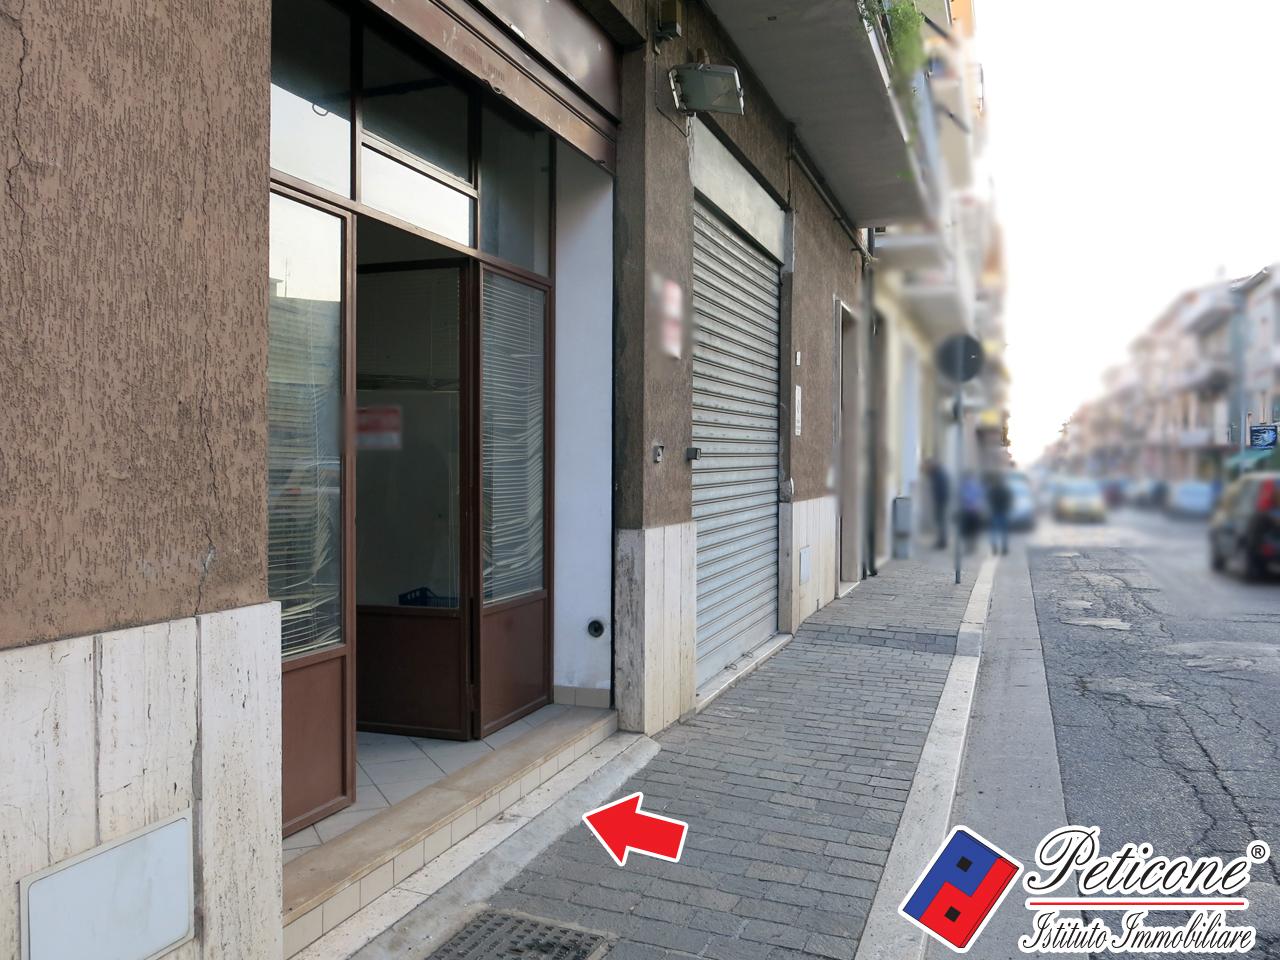 Negozio / Locale in vendita a Fondi, 9999 locali, zona Località: Carrera, prezzo € 160.000 | CambioCasa.it